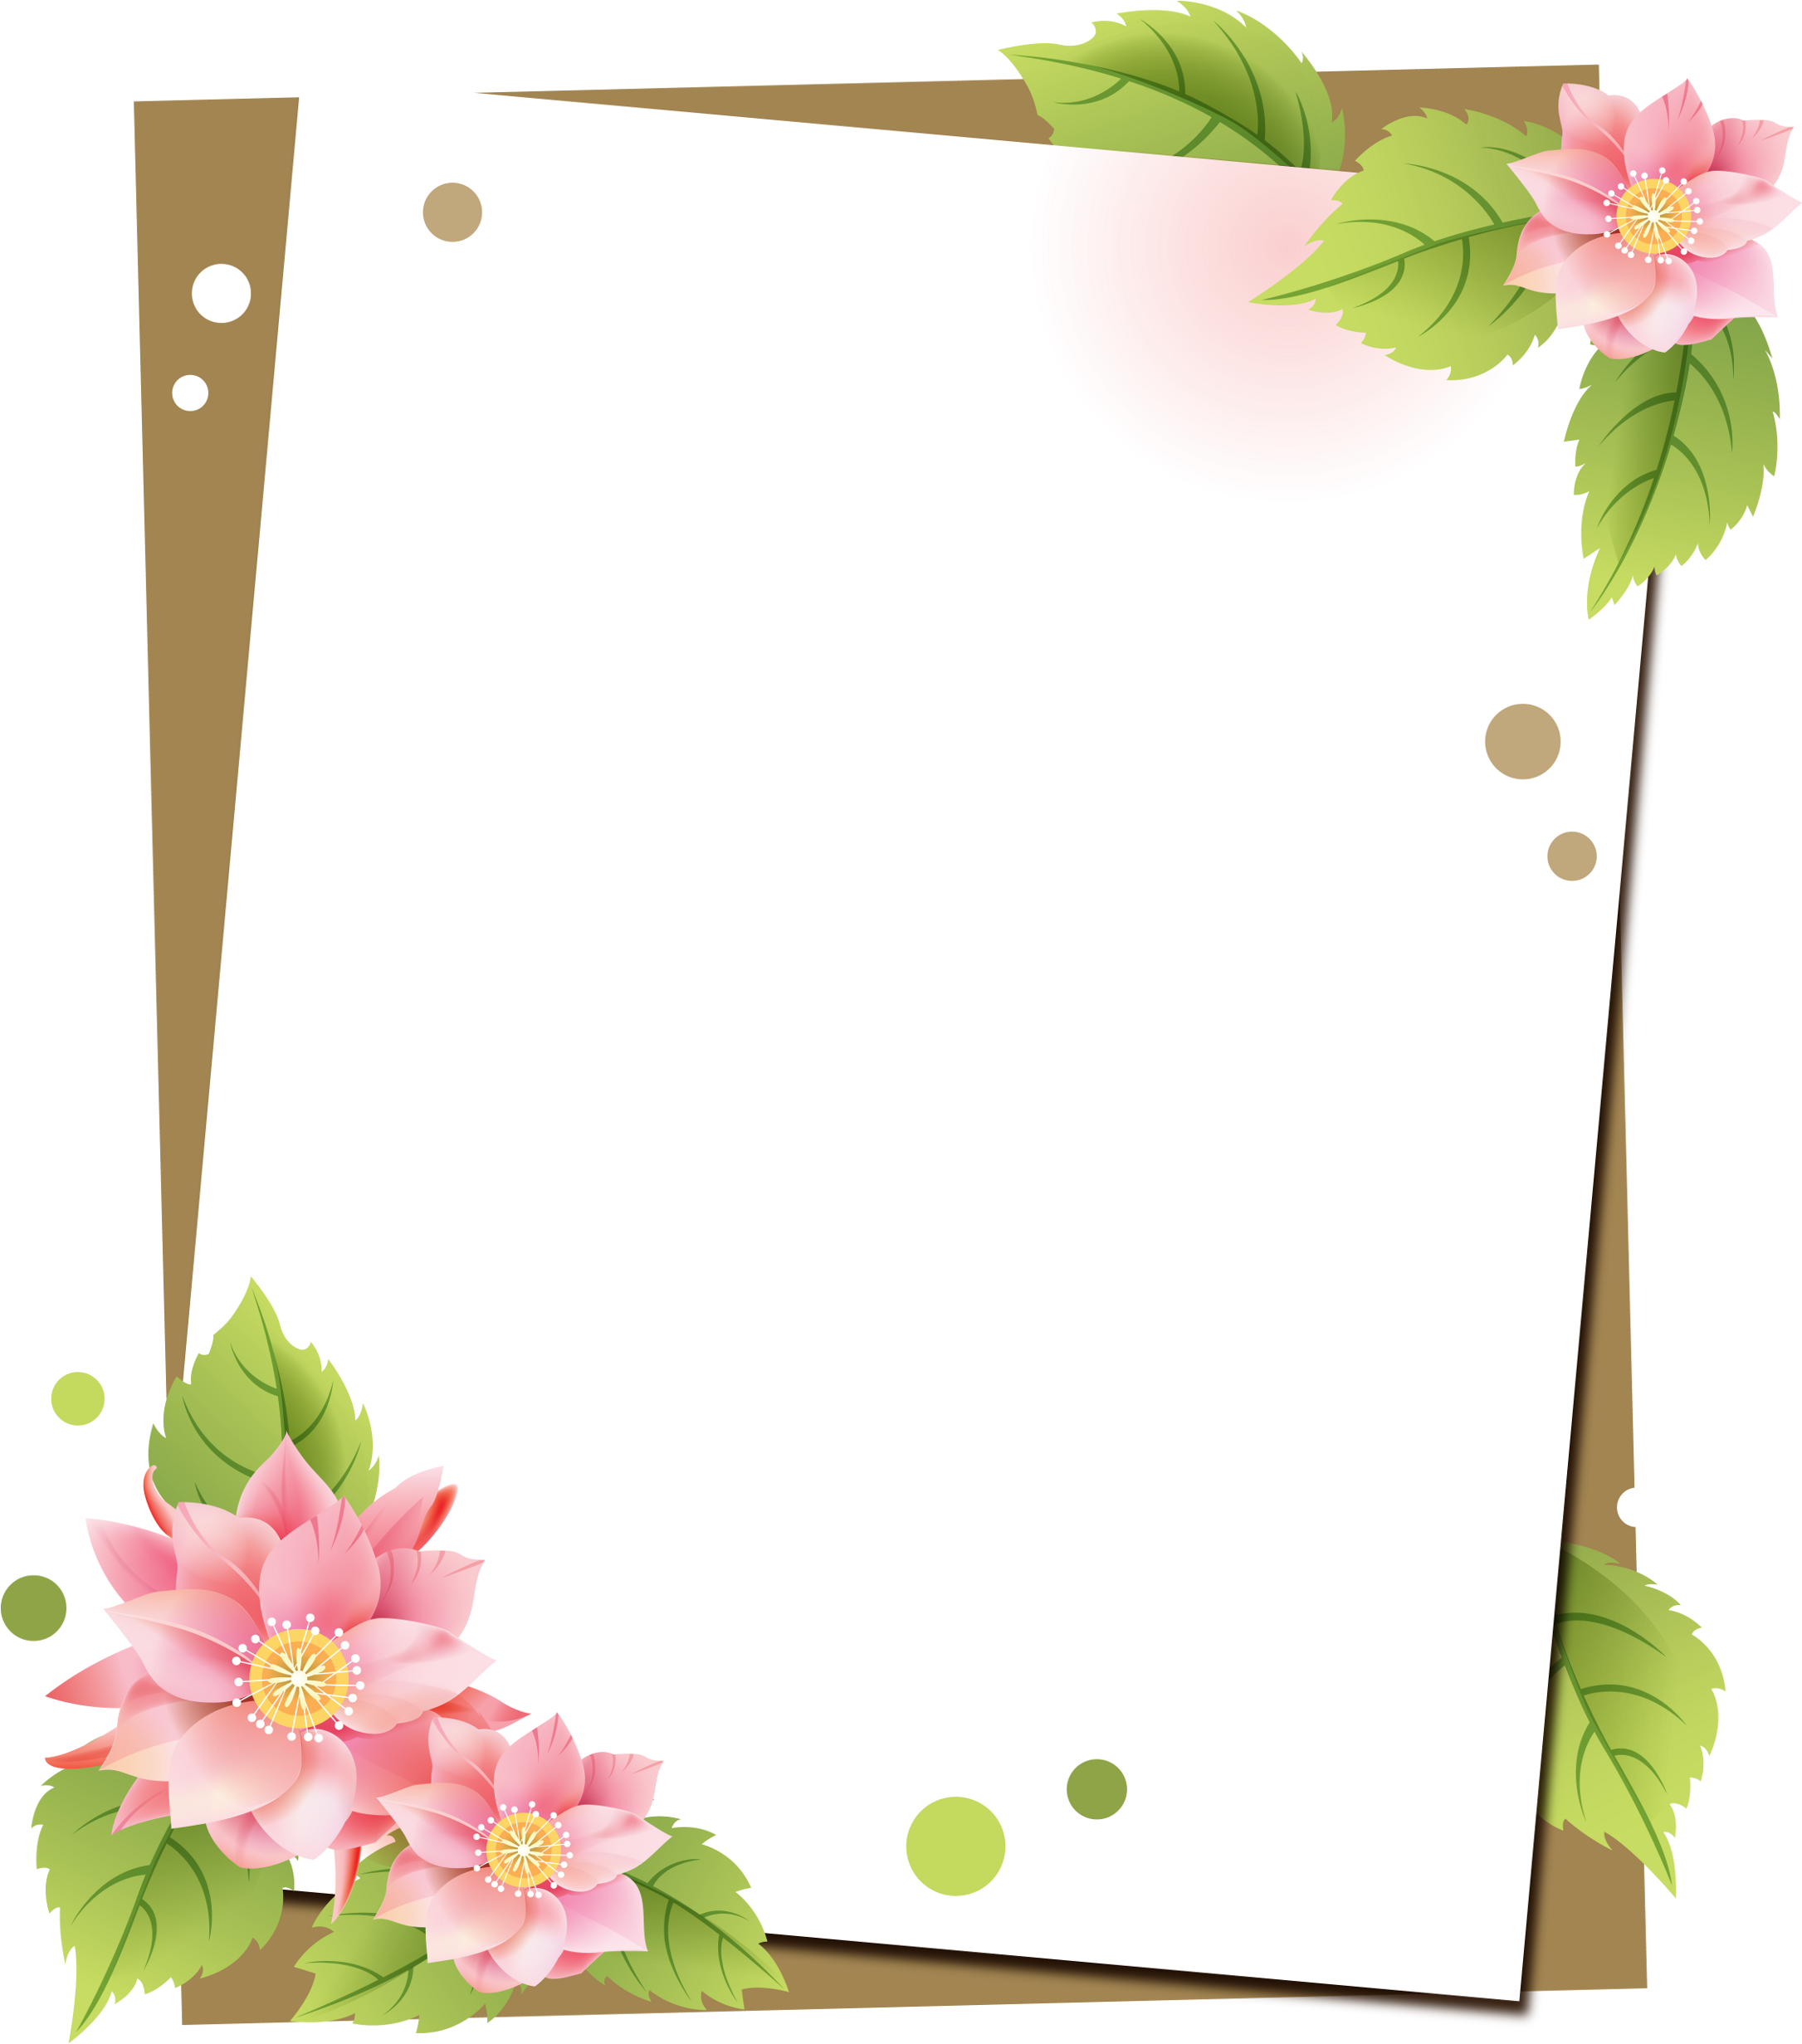 Шаблон поздравительной открытки а4 с днем рождения